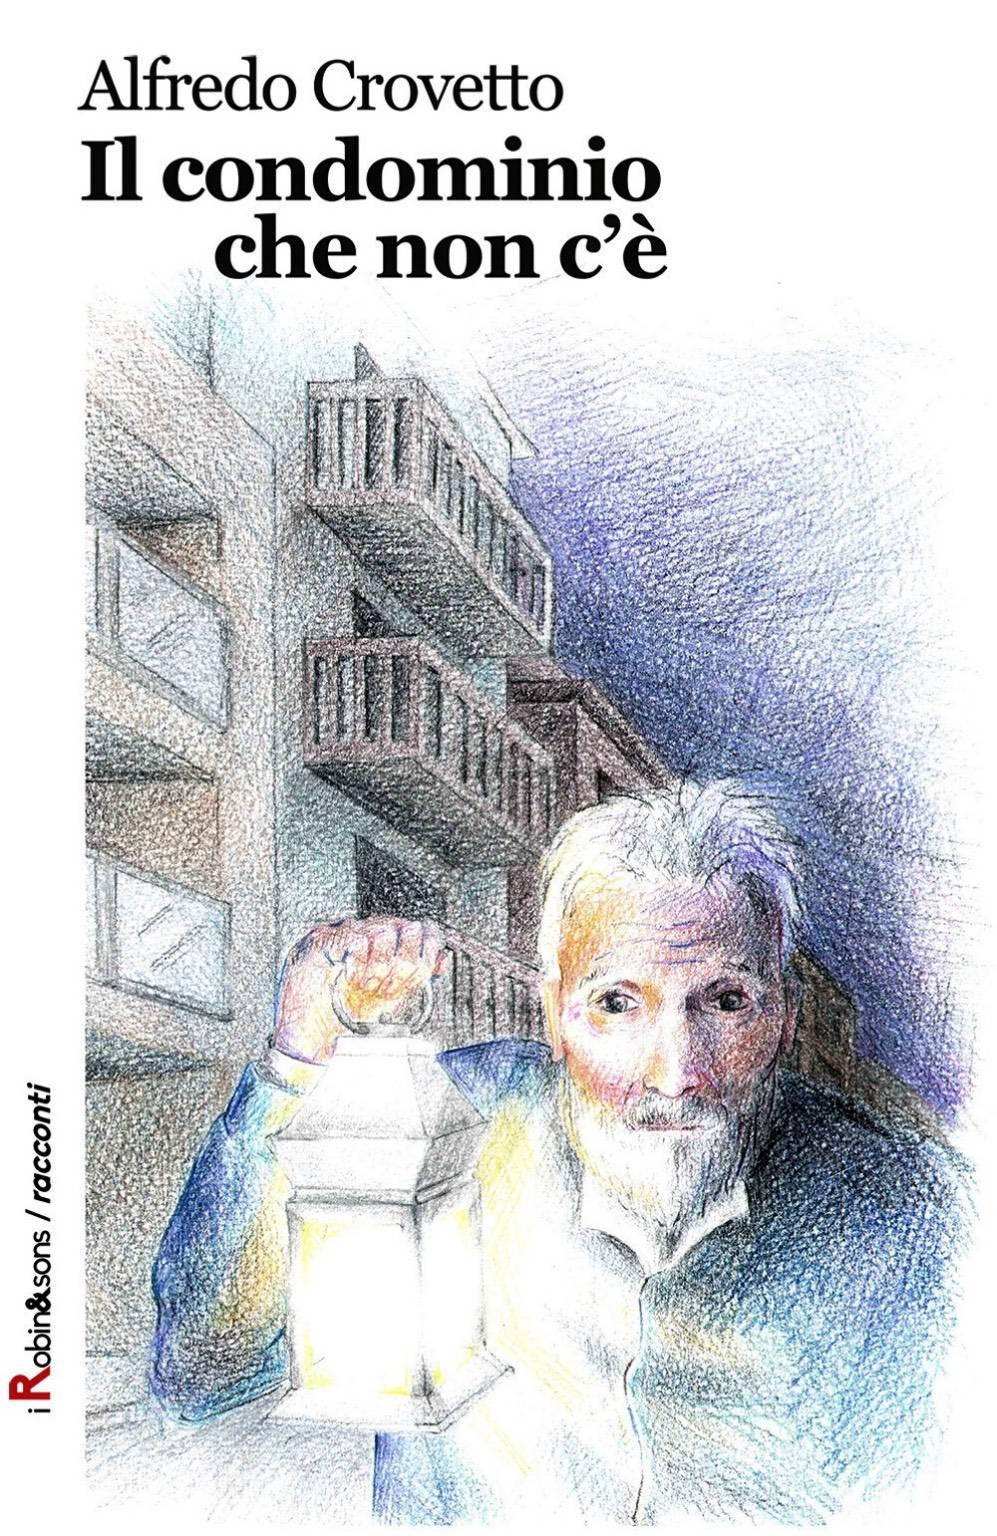 """Alfredo Crovetto libro """"Il condominio che non c'è"""""""